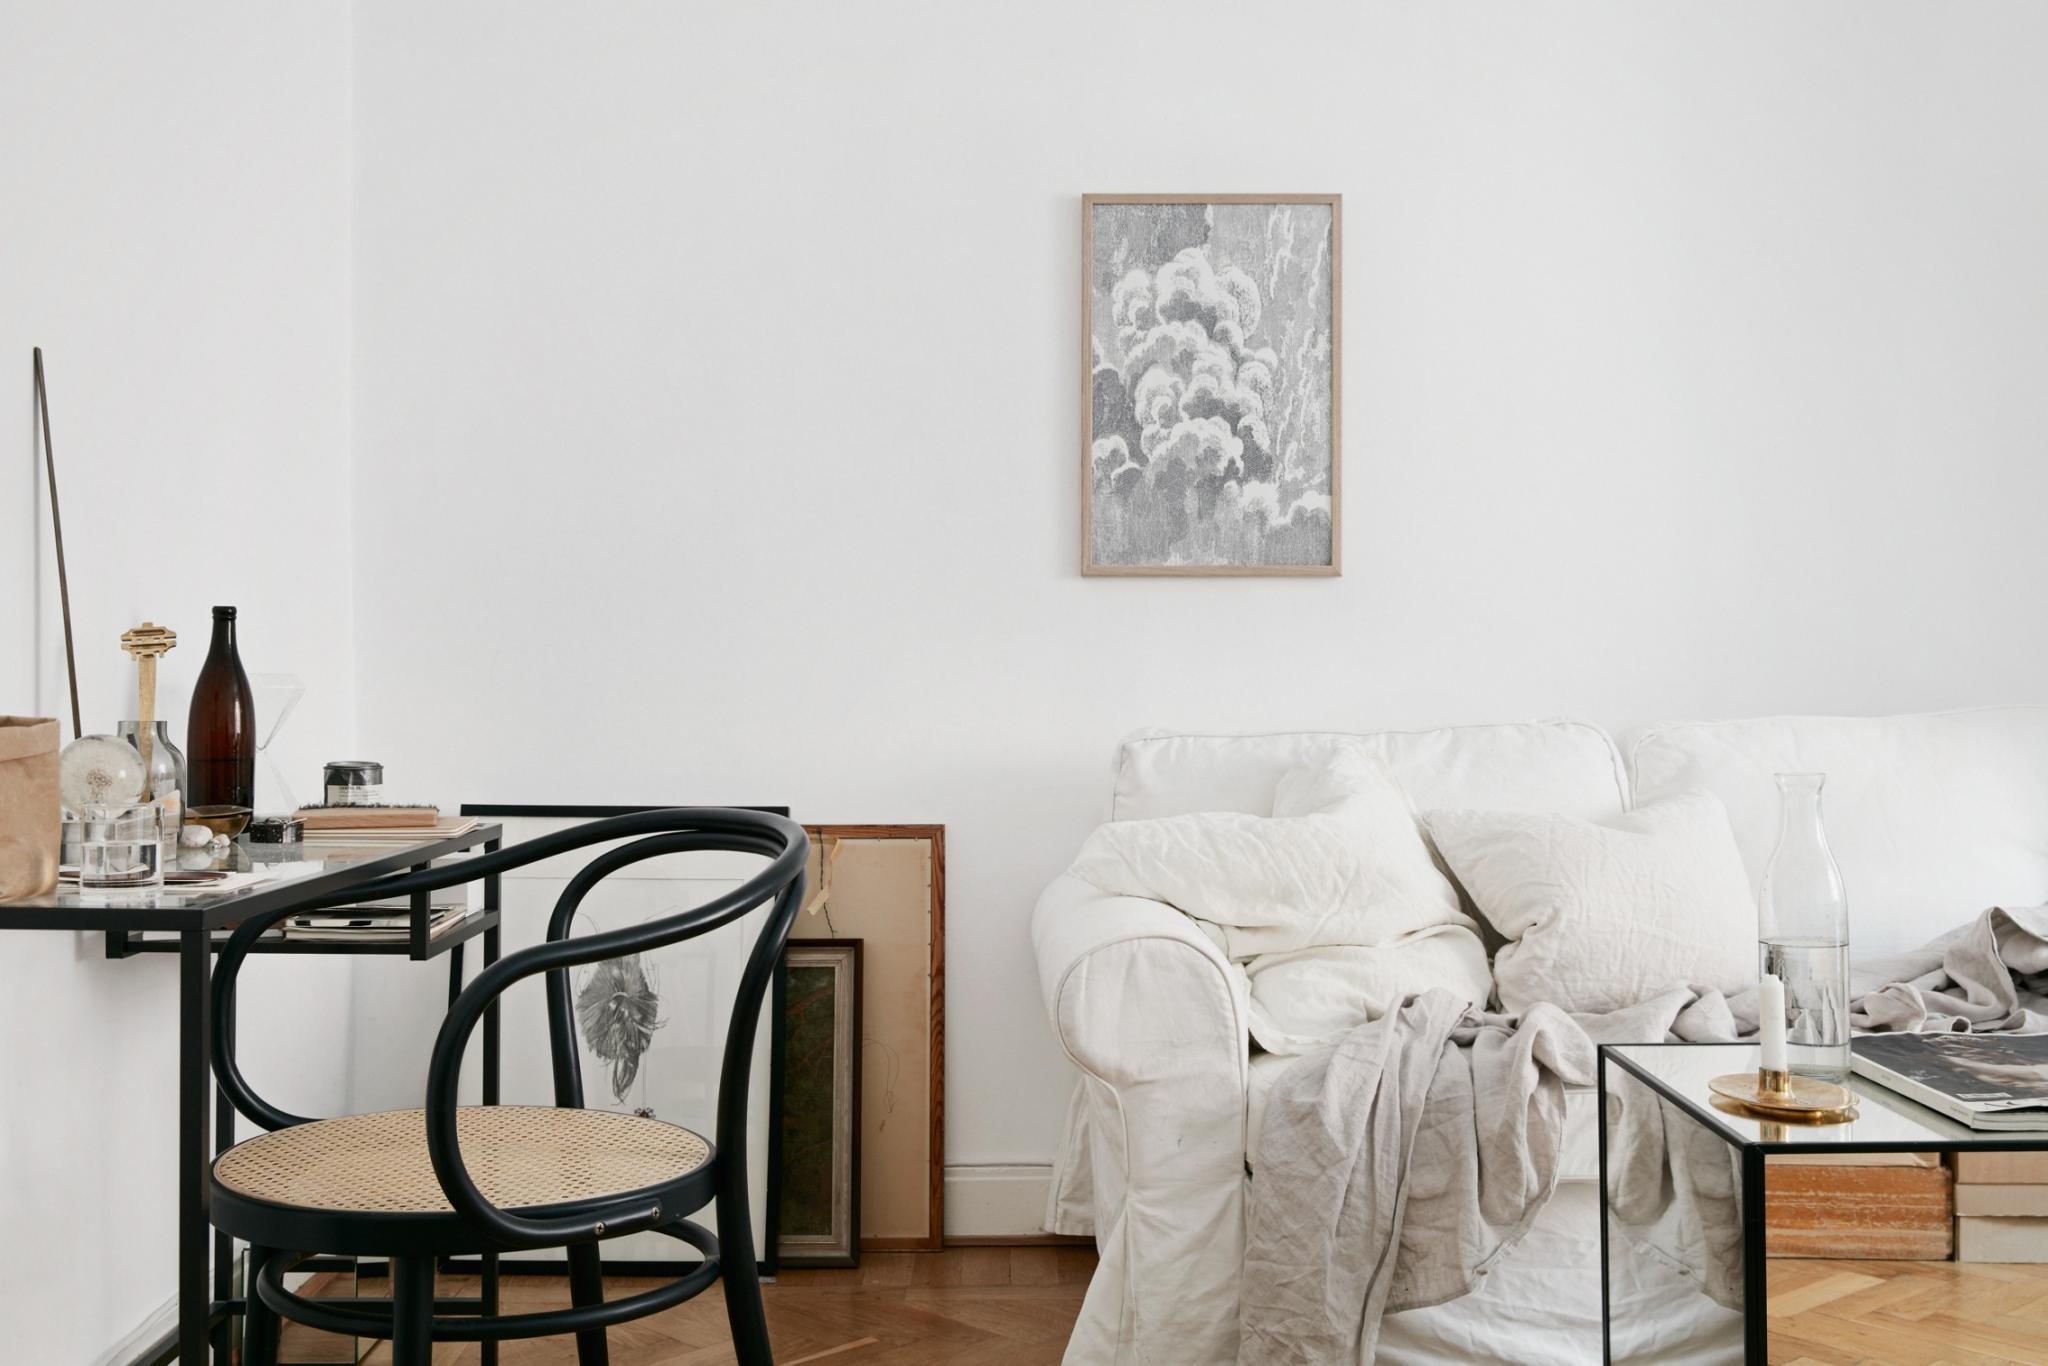 Perfekt Um Kleine Räume Grösser Scheinen Zu Lassen. Wieder Mal Bloss Ein  Raum, Aber Mit Ganz Viel Style. Ich Bin Begeistert Und Ihr?